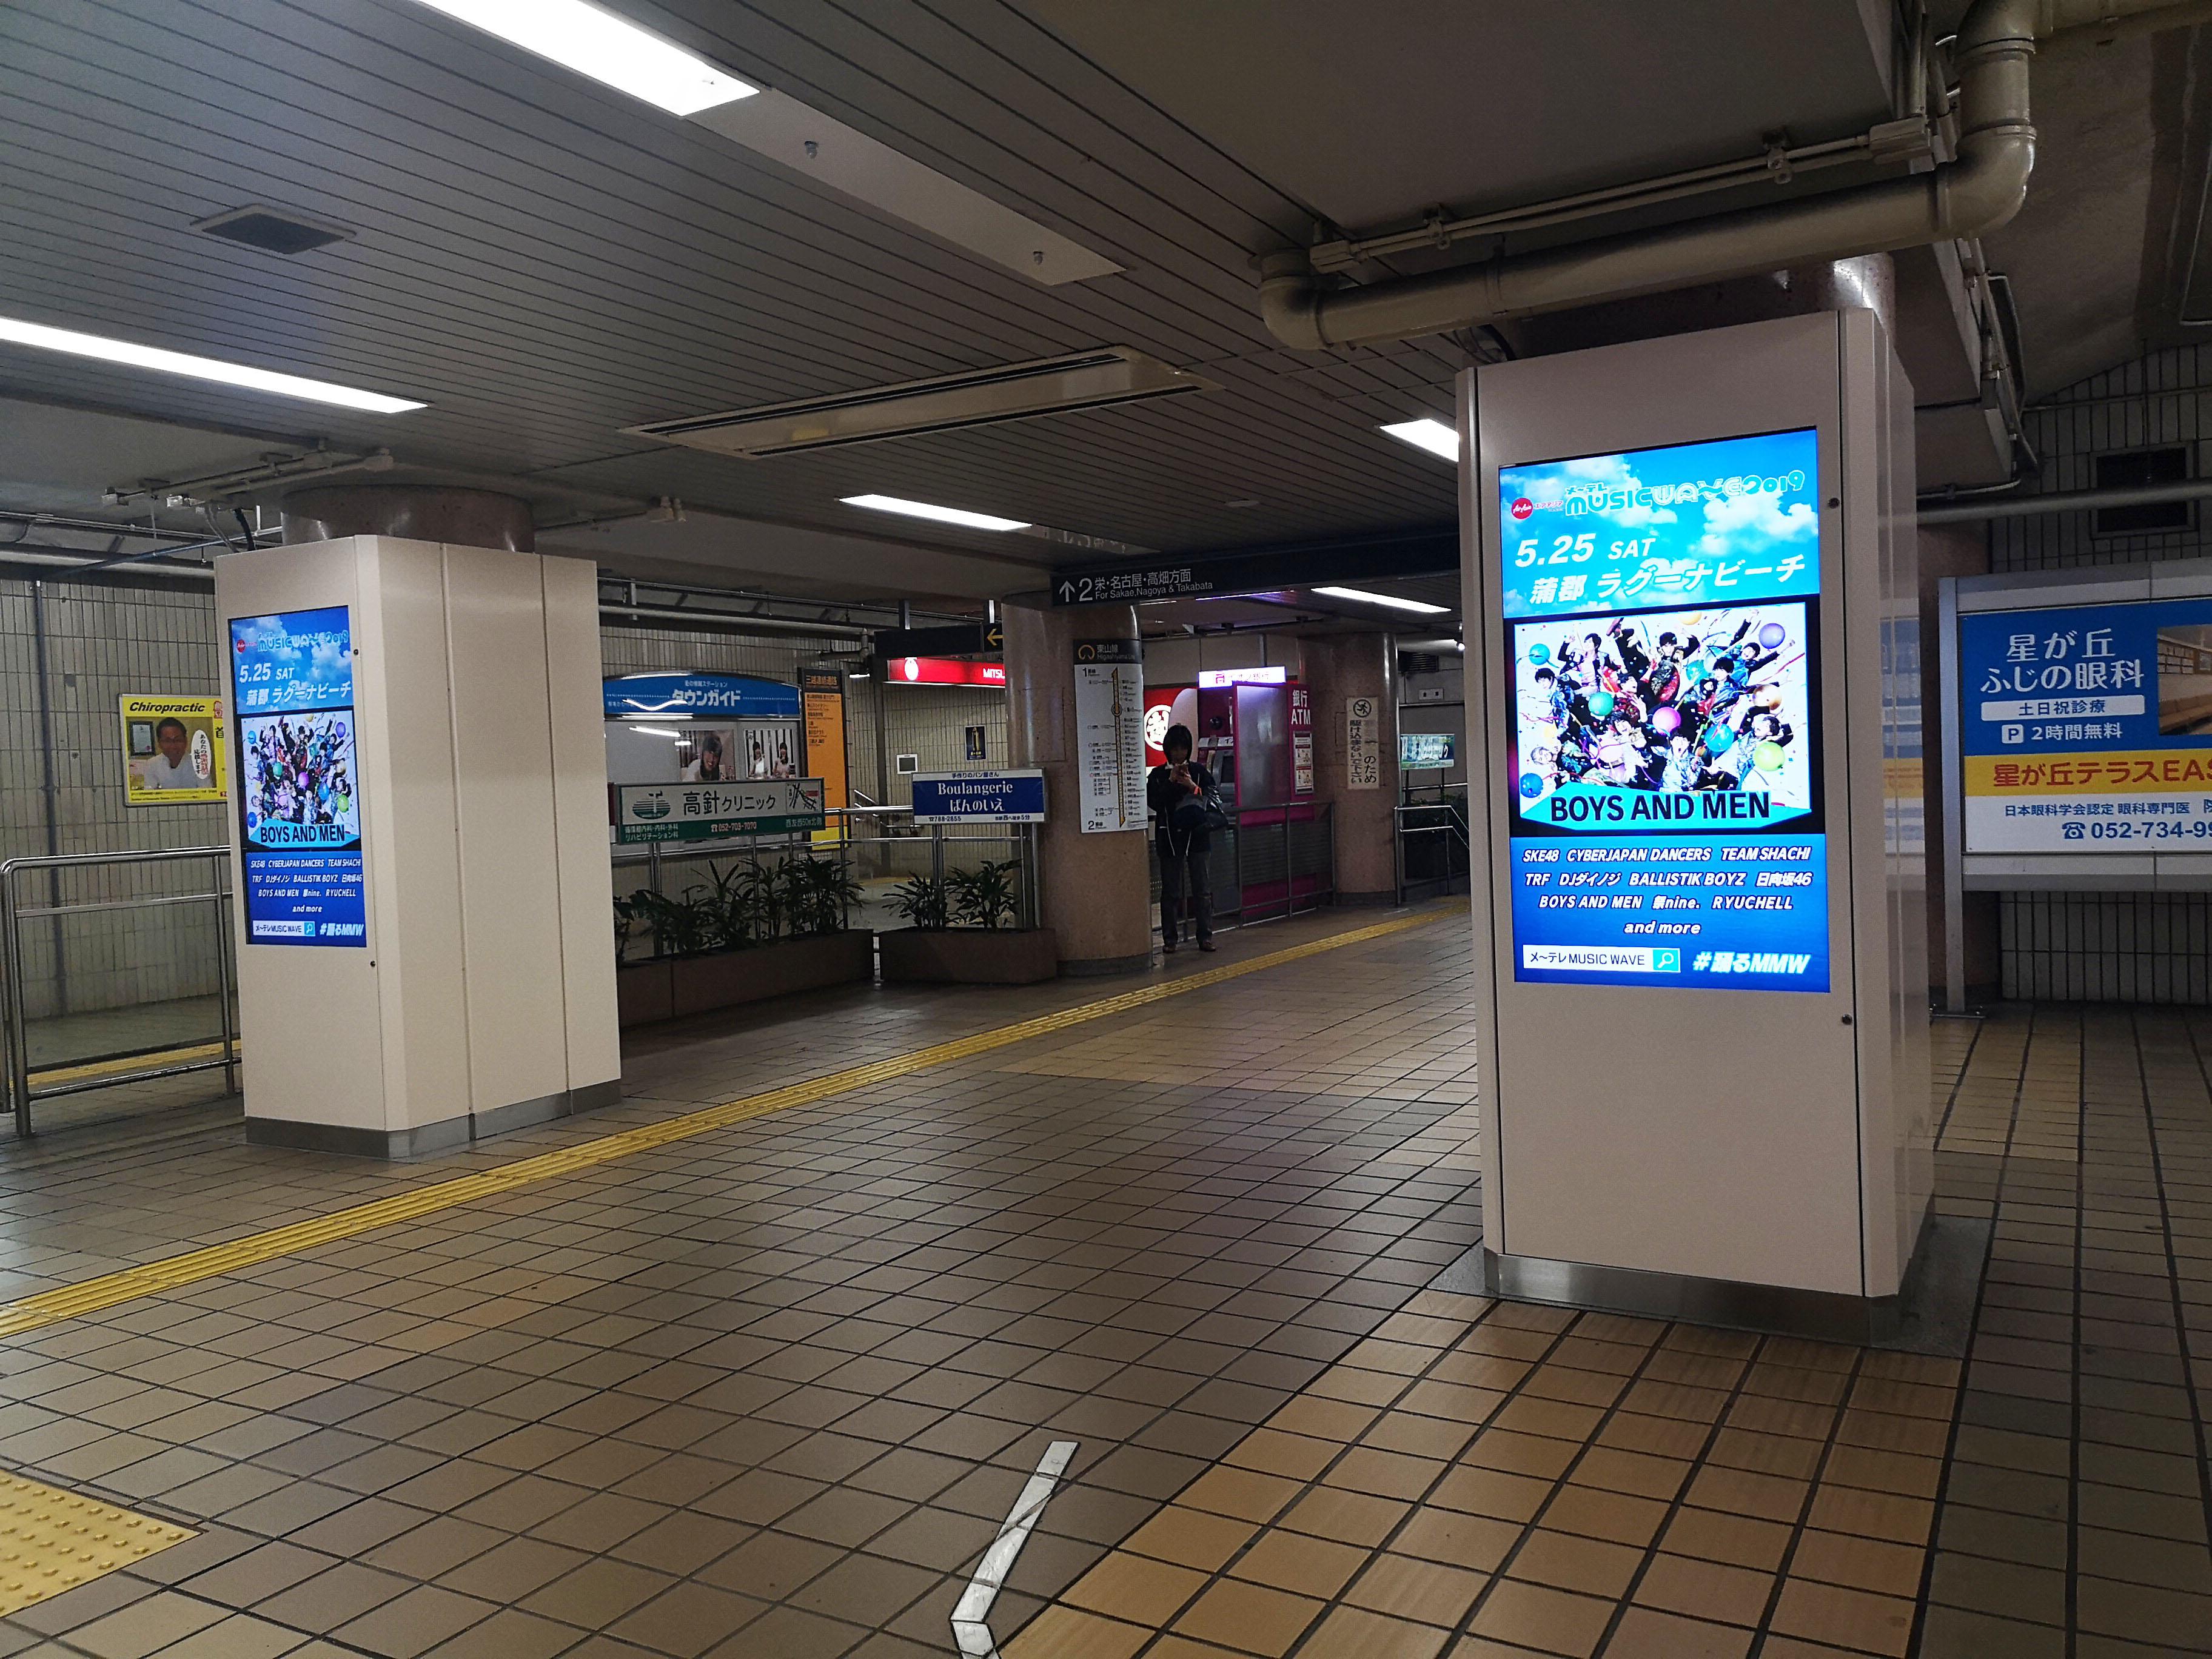 イーストスクエアビジョン 東山線星ヶ丘駅